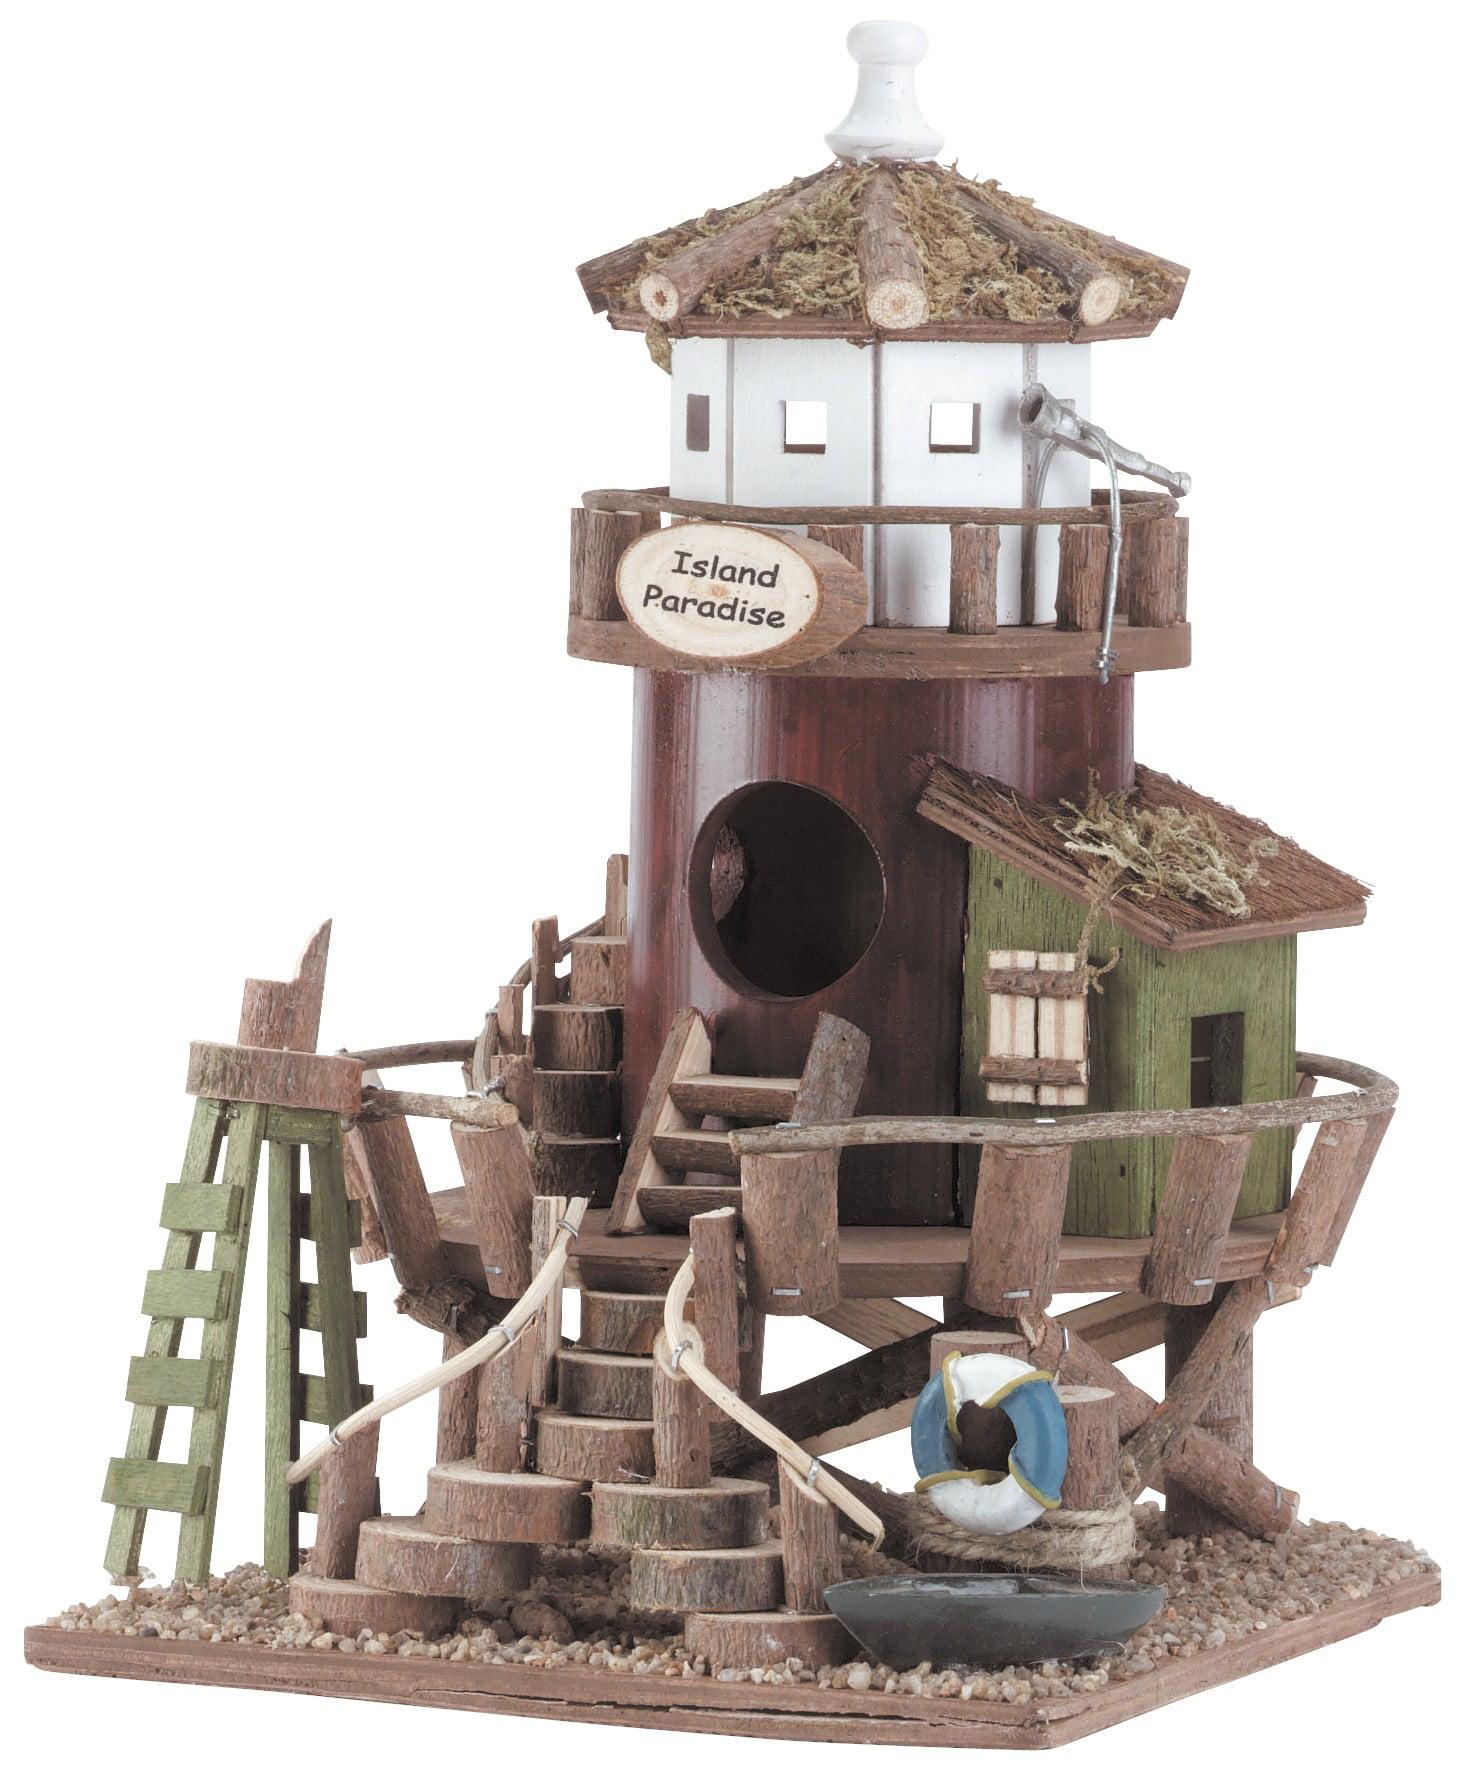 Zingz & Thingz 57070137 Island Paradise Birdhouse by Zingz & Thingz